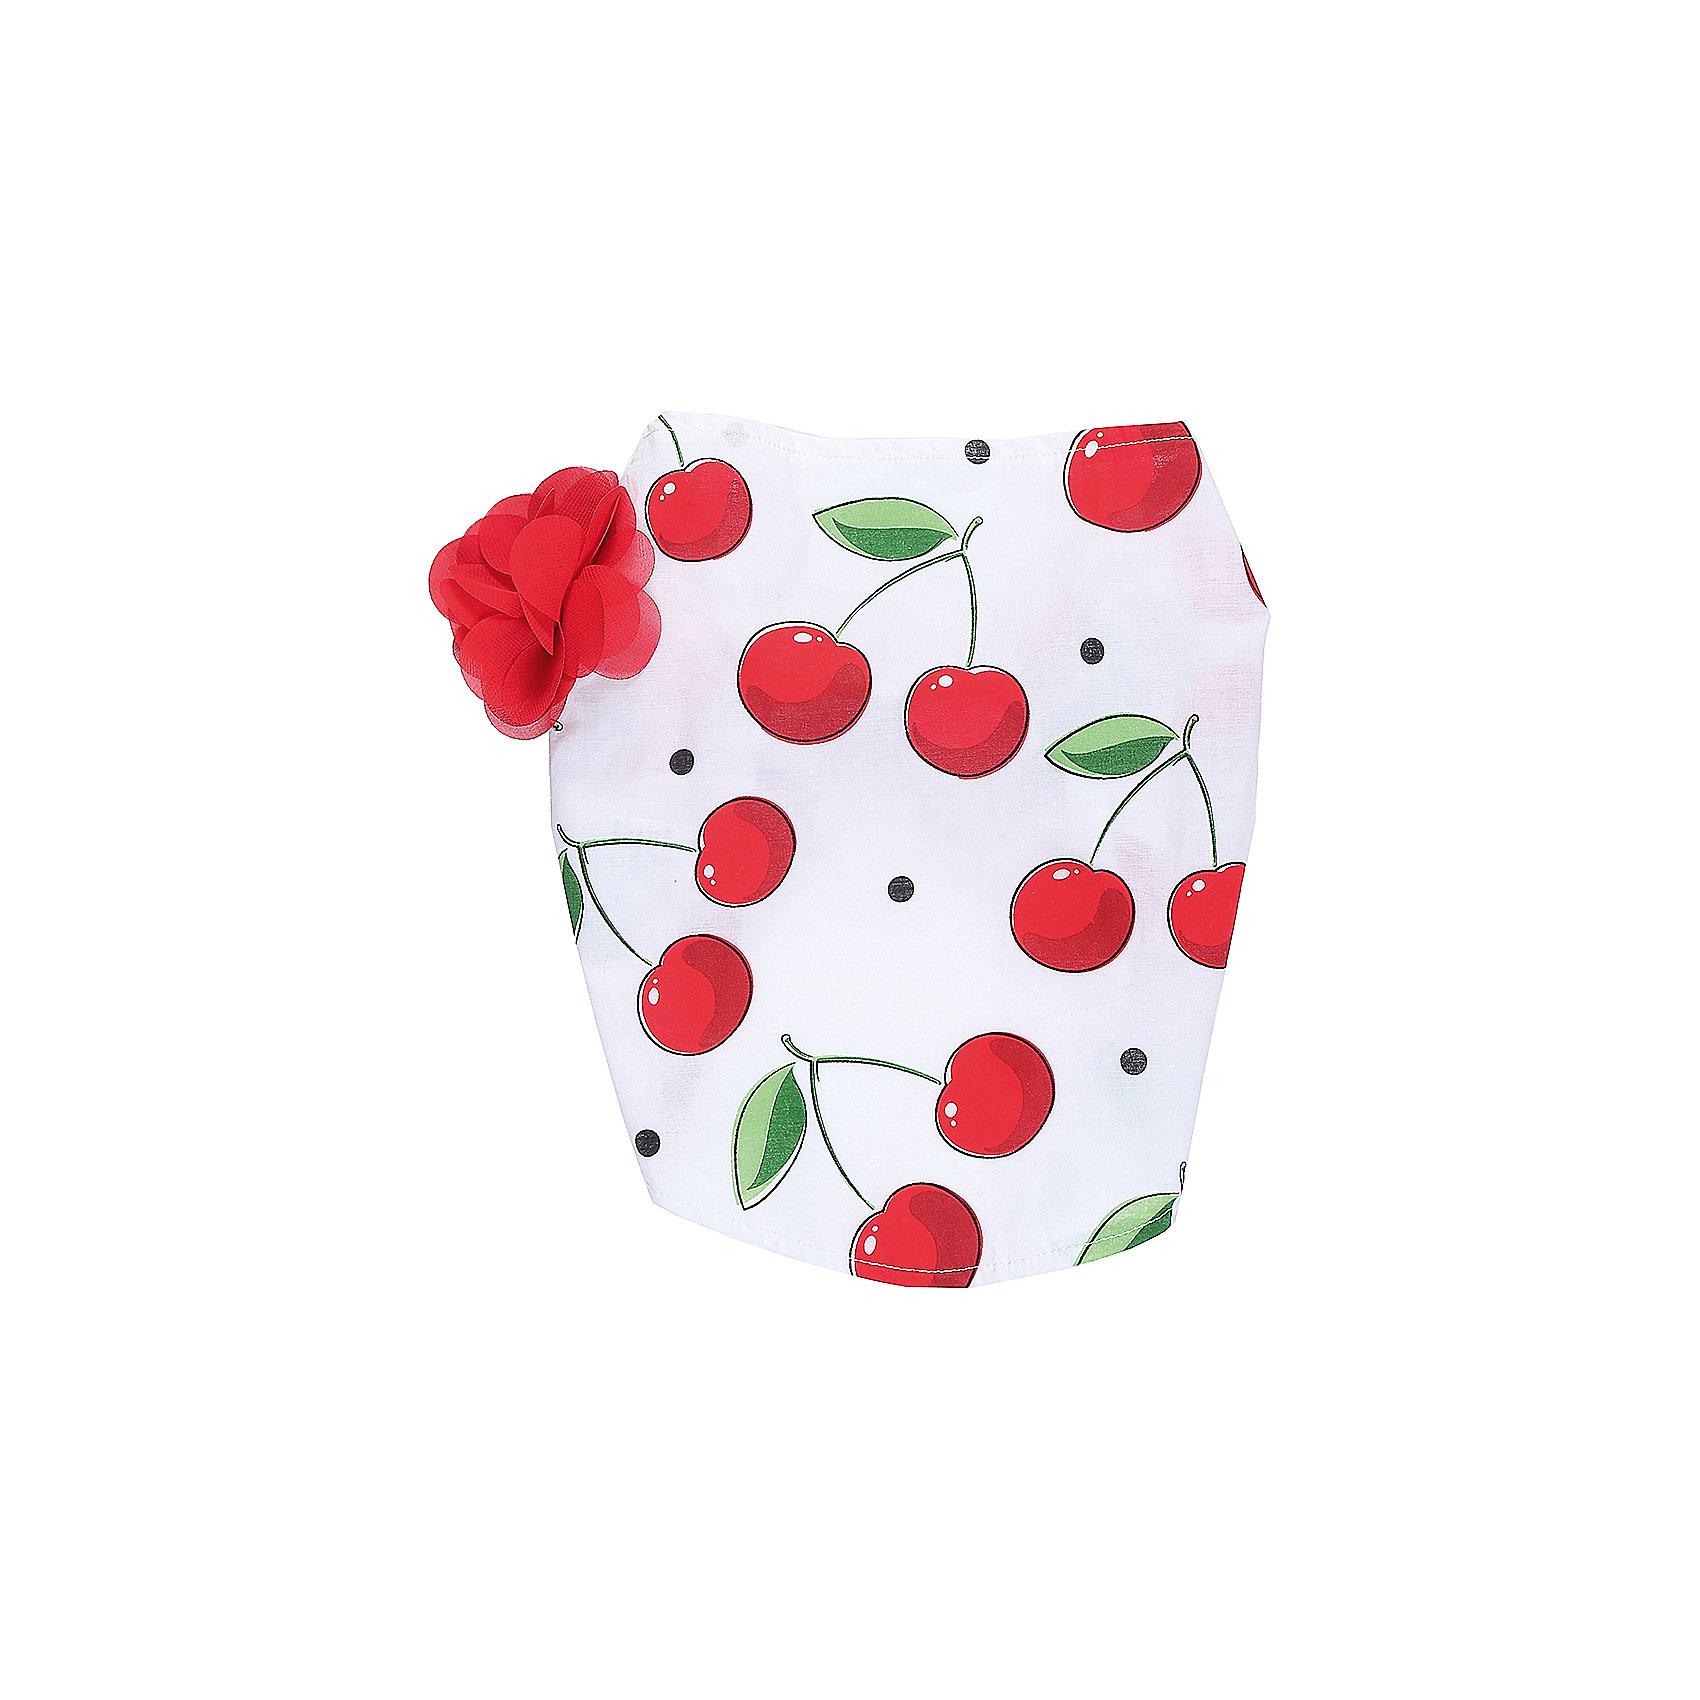 Повязка на голову для девочки Sweet BerryГоловные уборы<br>Трикотажная  повязка из принтованной ткани для девочки.<br>Состав:<br>100% хлопок<br><br>Ширина мм: 89<br>Глубина мм: 117<br>Высота мм: 44<br>Вес г: 155<br>Цвет: разноцветный<br>Возраст от месяцев: 24<br>Возраст до месяцев: 36<br>Пол: Женский<br>Возраст: Детский<br>Размер: 50,52,54<br>SKU: 5410104